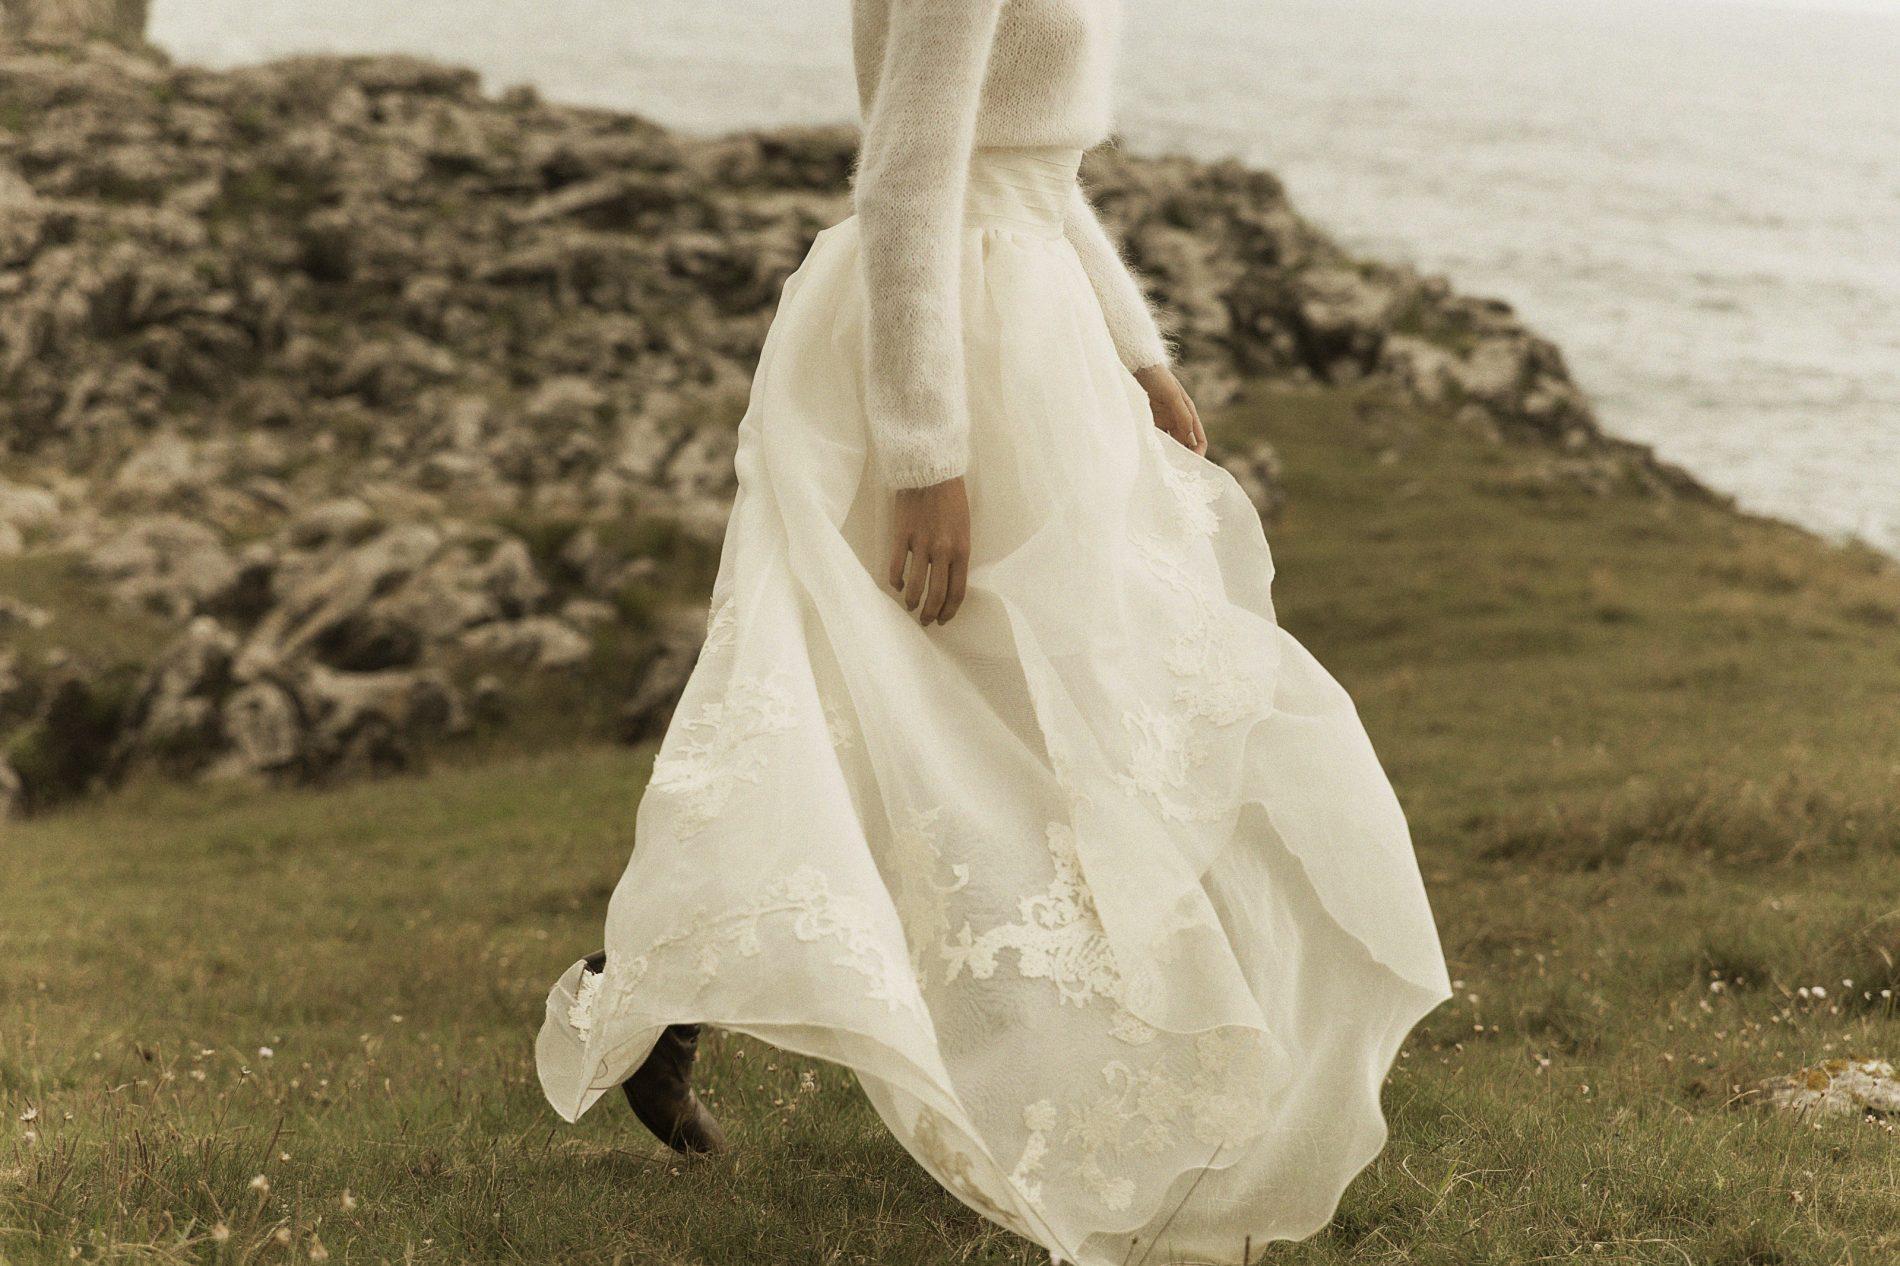 d0b47dc4 ... y me lancé a los vestidos a medida, y de ahí al mundo de las novias  donde me he ido involucrando cada vez más hasta centrarme exclusivamente en  esto.